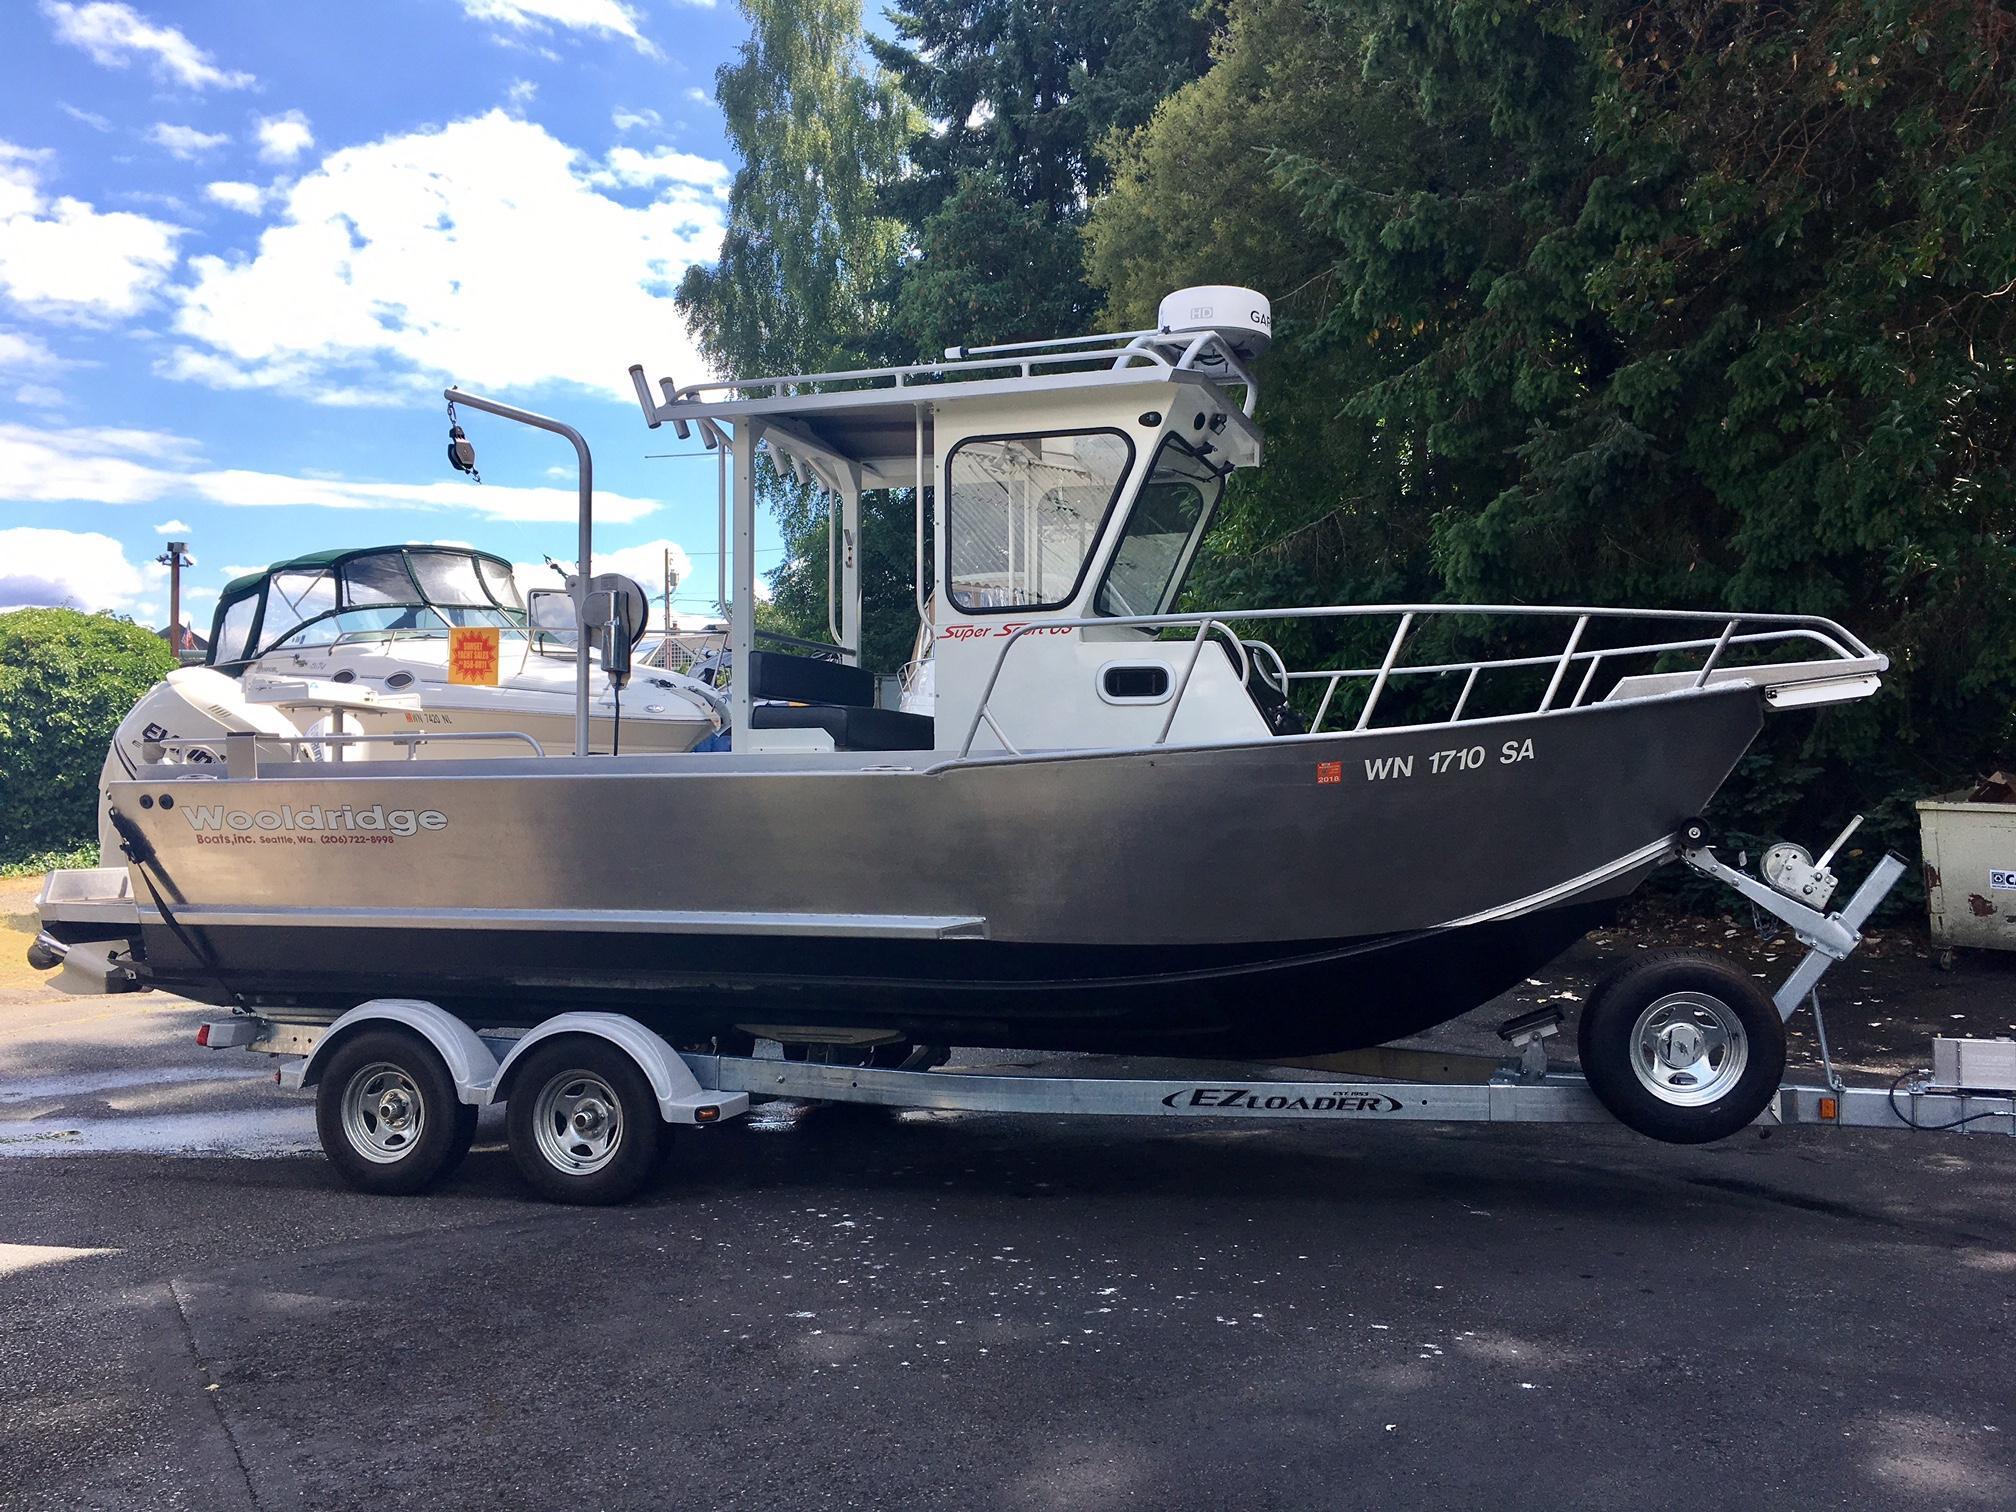 2013 Wooldridge Super Sport Offshore Power Boat For Sale Wwwyachtworldcom